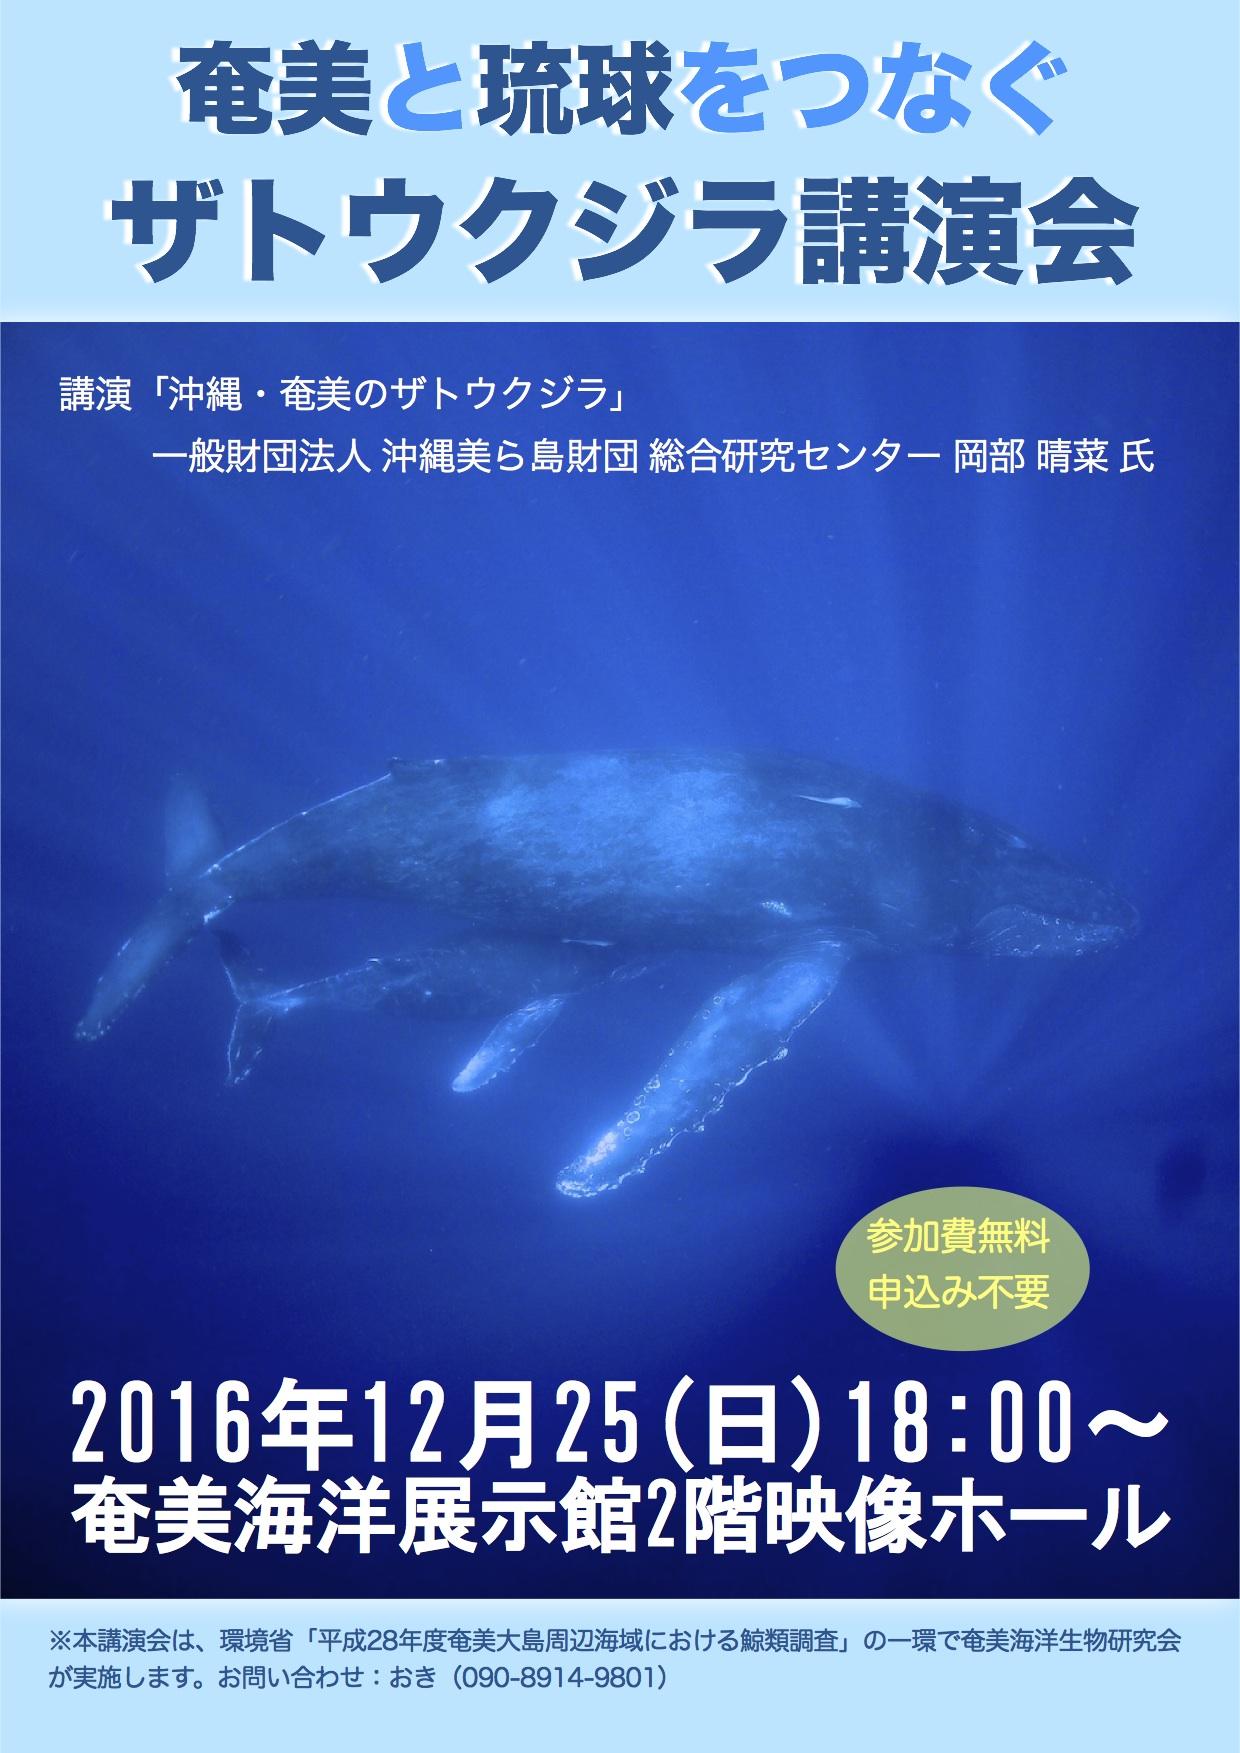 12/25 ザトウクジラ講演会開催_a0010095_884627.jpg